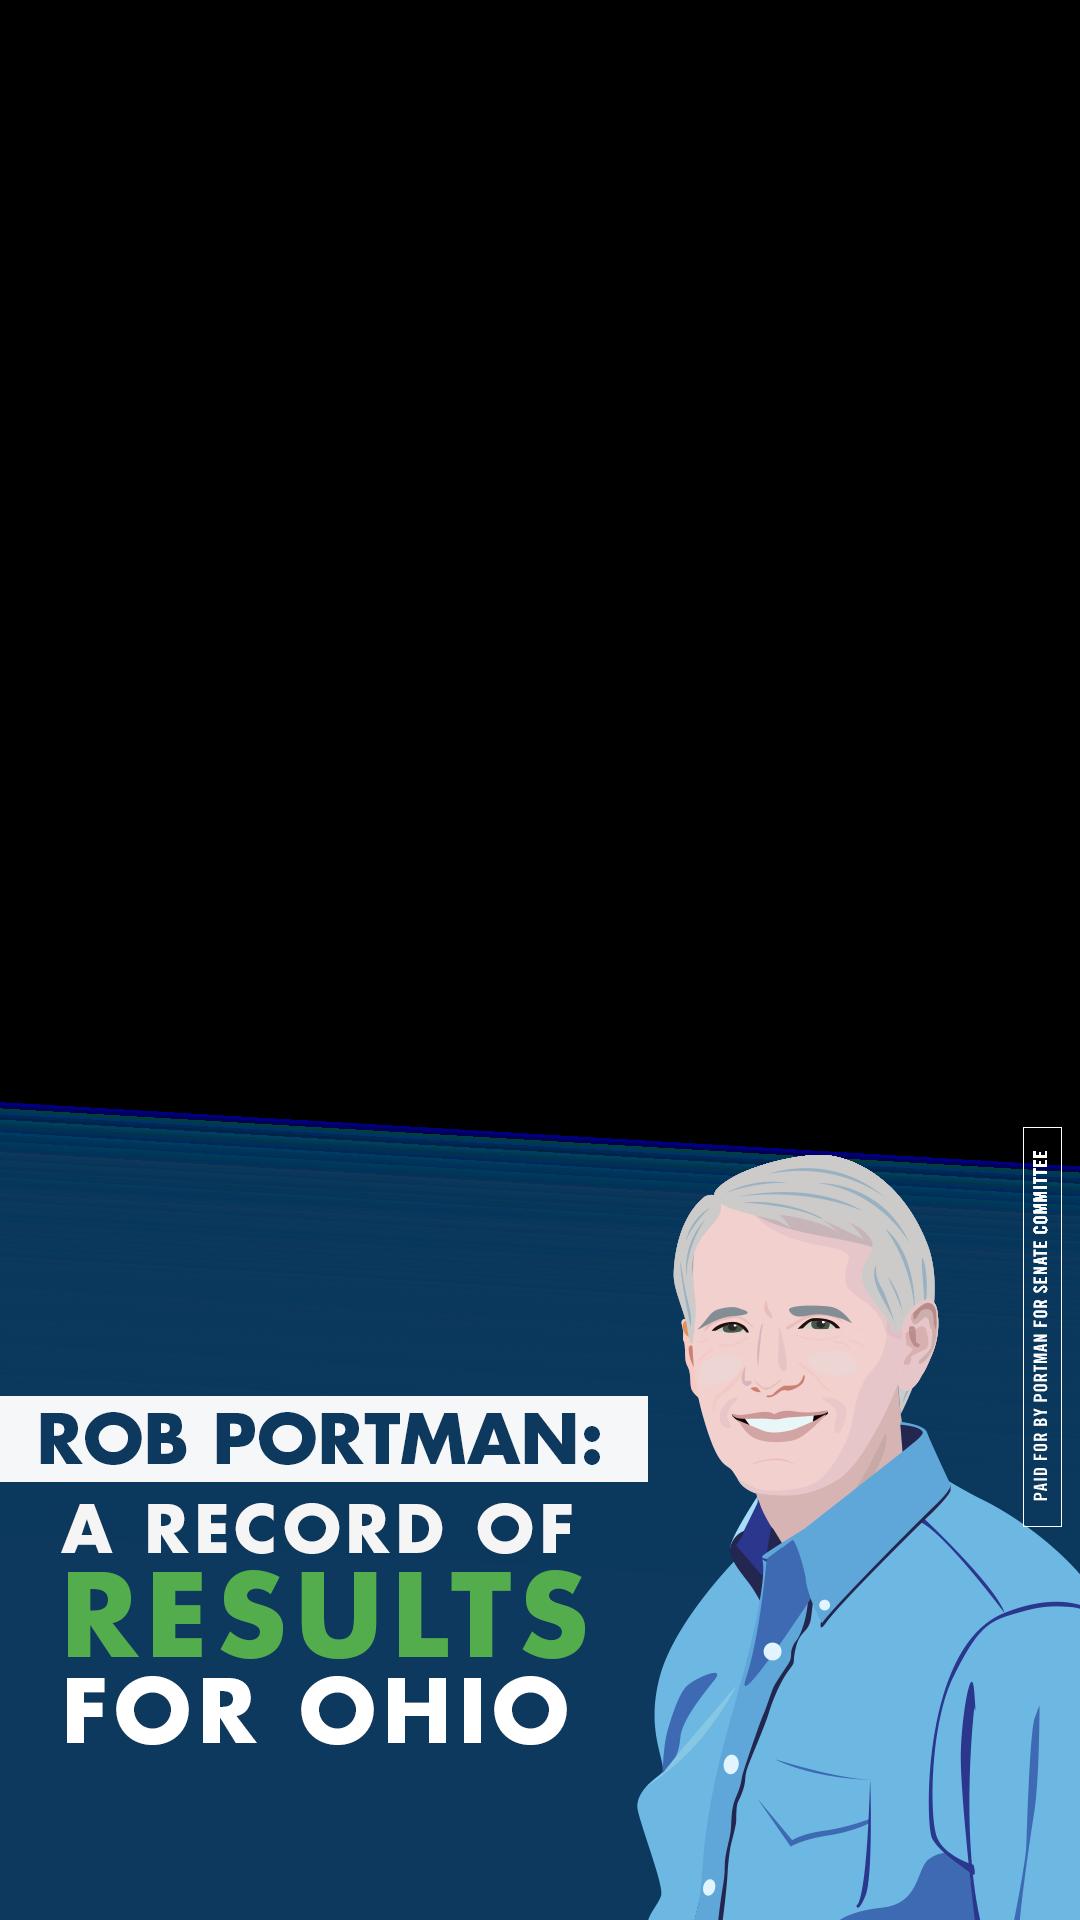 Rob Results Snapchat